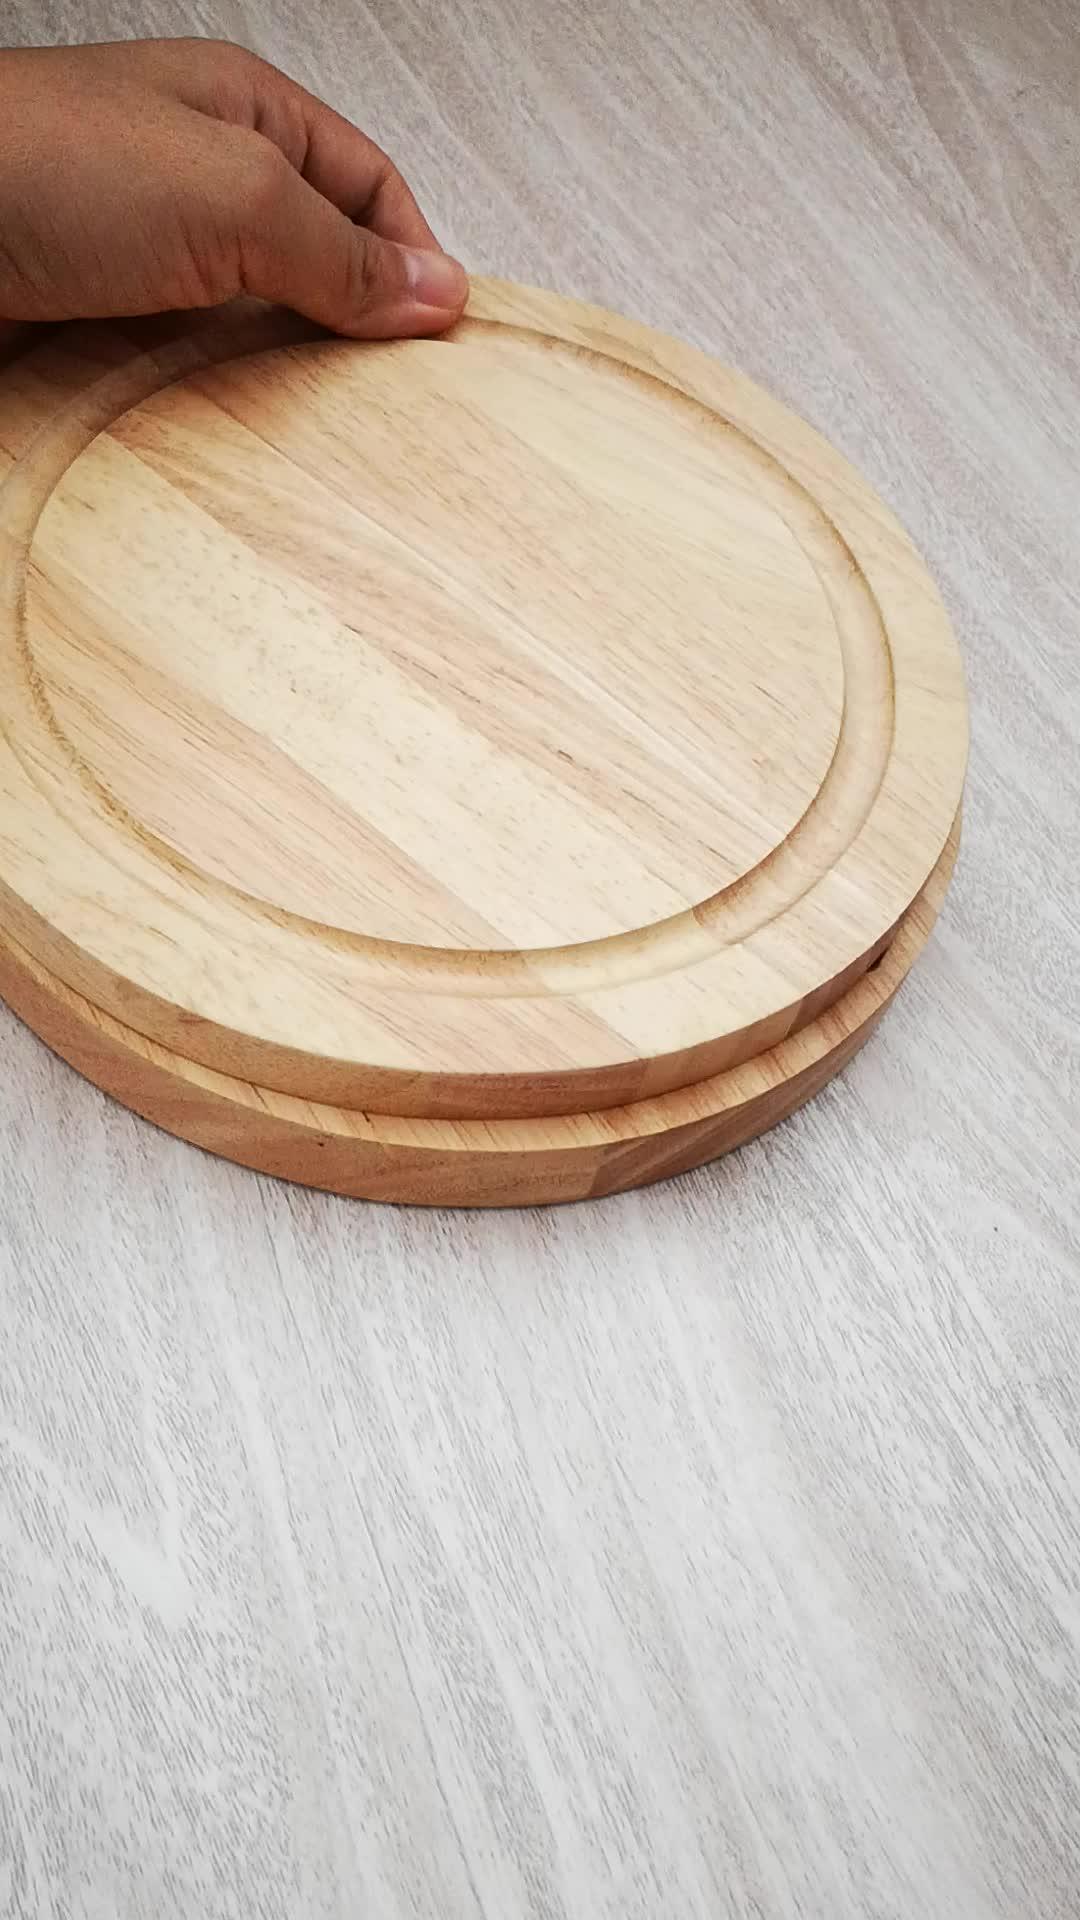 Plateau de Fromage en bois Avec Couvercle Et Lame De Fromage Planche à Découper En Bois